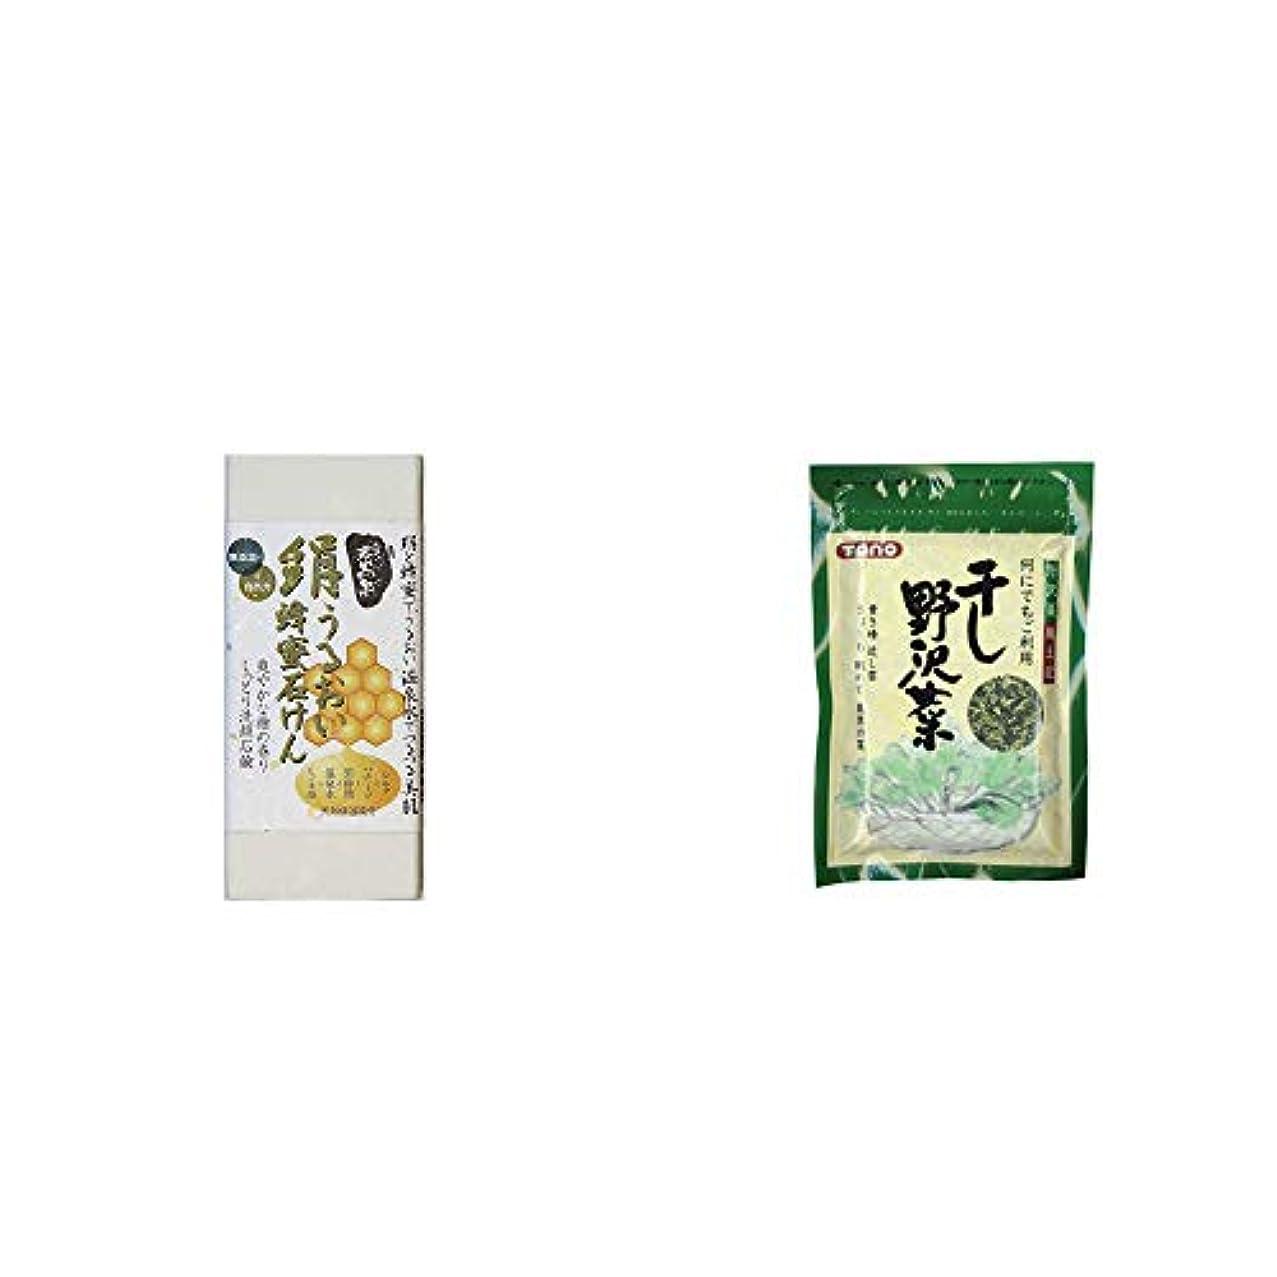 現金こねるメール[2点セット] ひのき炭黒泉 絹うるおい蜂蜜石けん(75g×2)?干し野沢菜(100g)